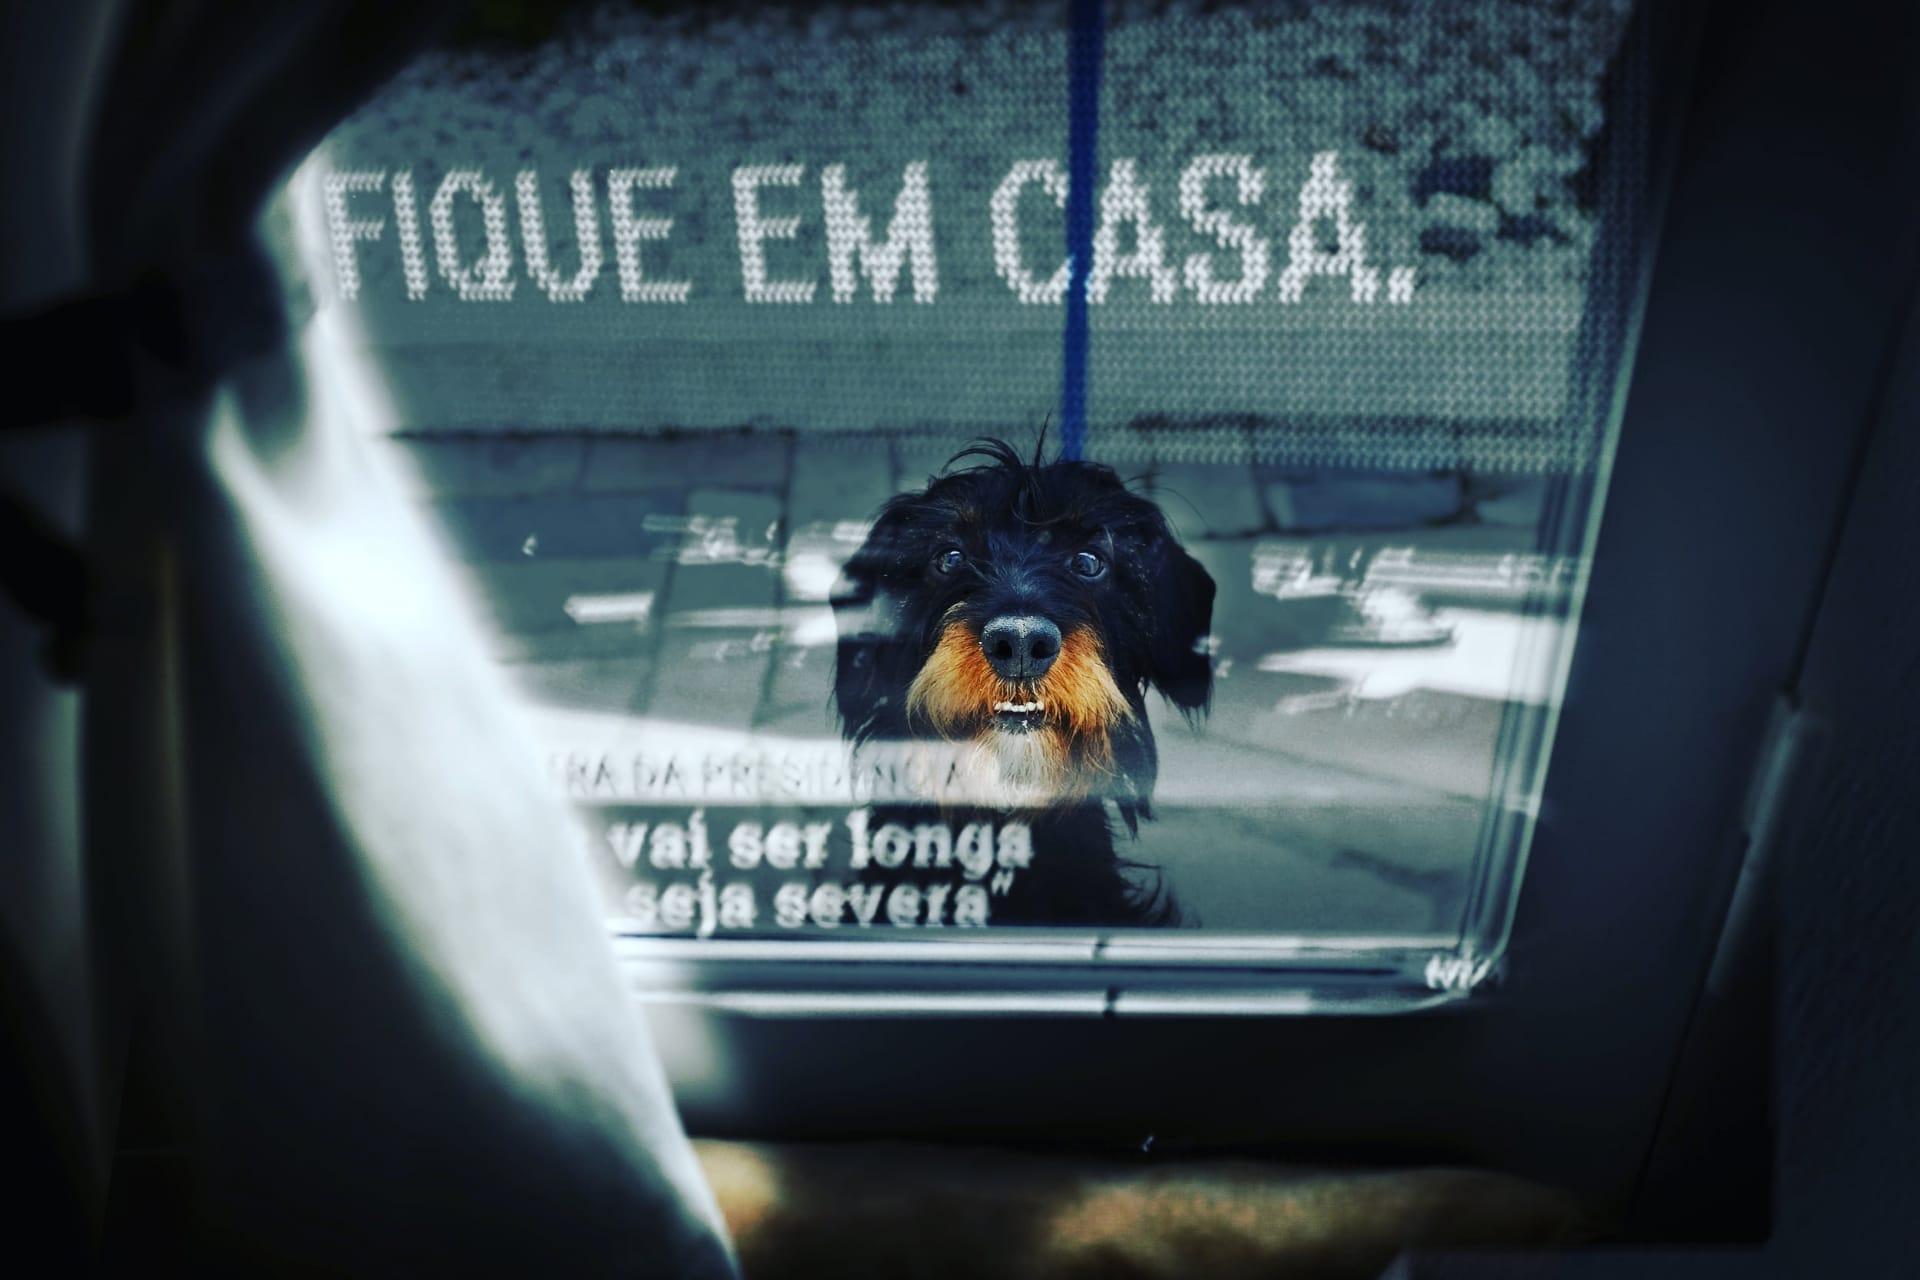 Créditos fotográficos: Gonçalo Borges Dias/DR